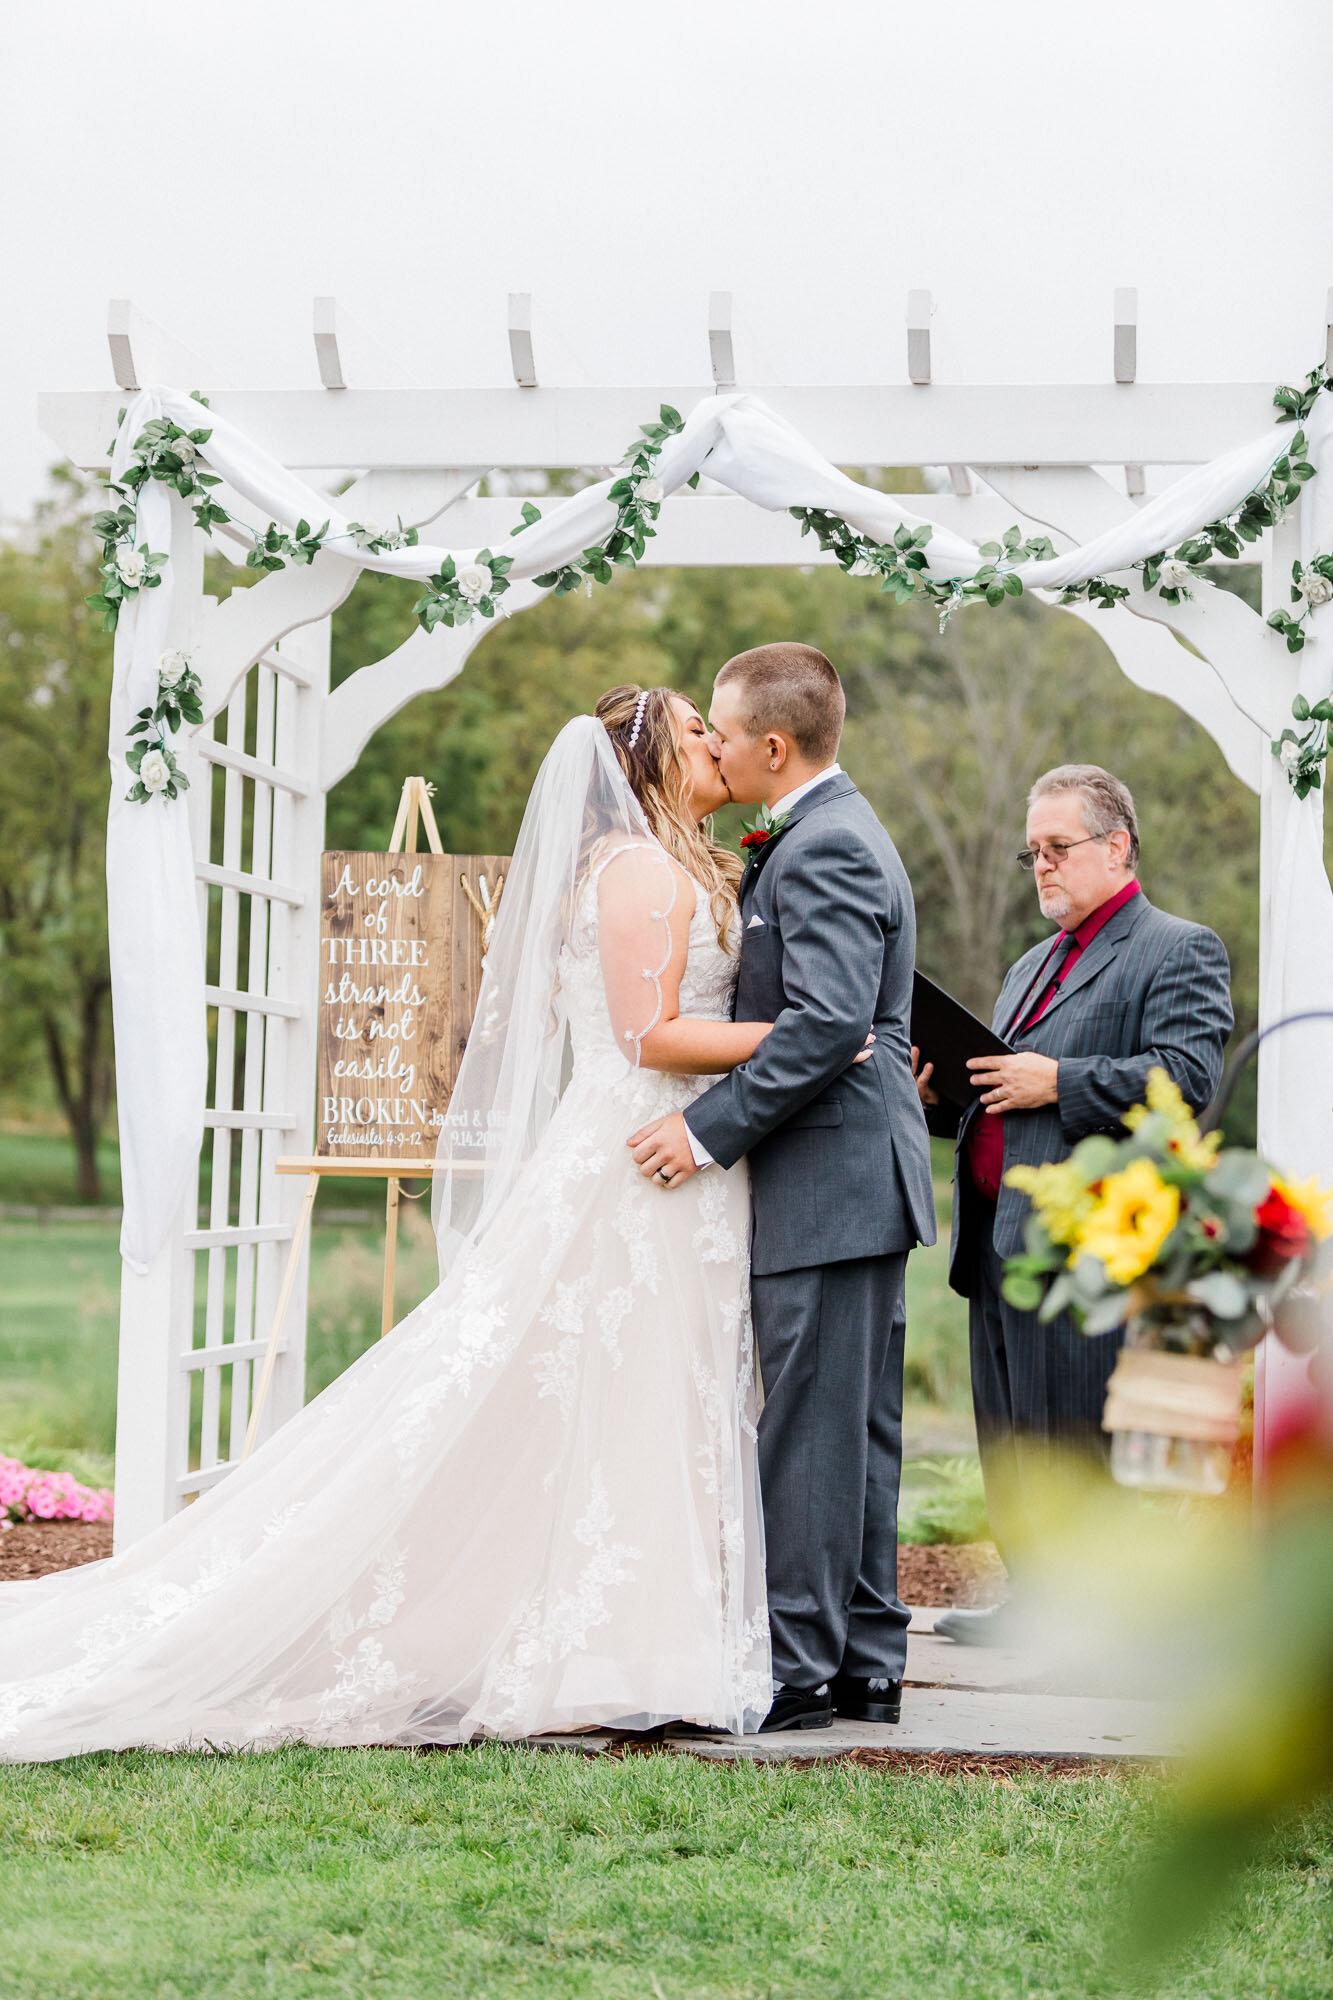 links-hemlock-creek-bloomsburg-wedding-6286.jpg